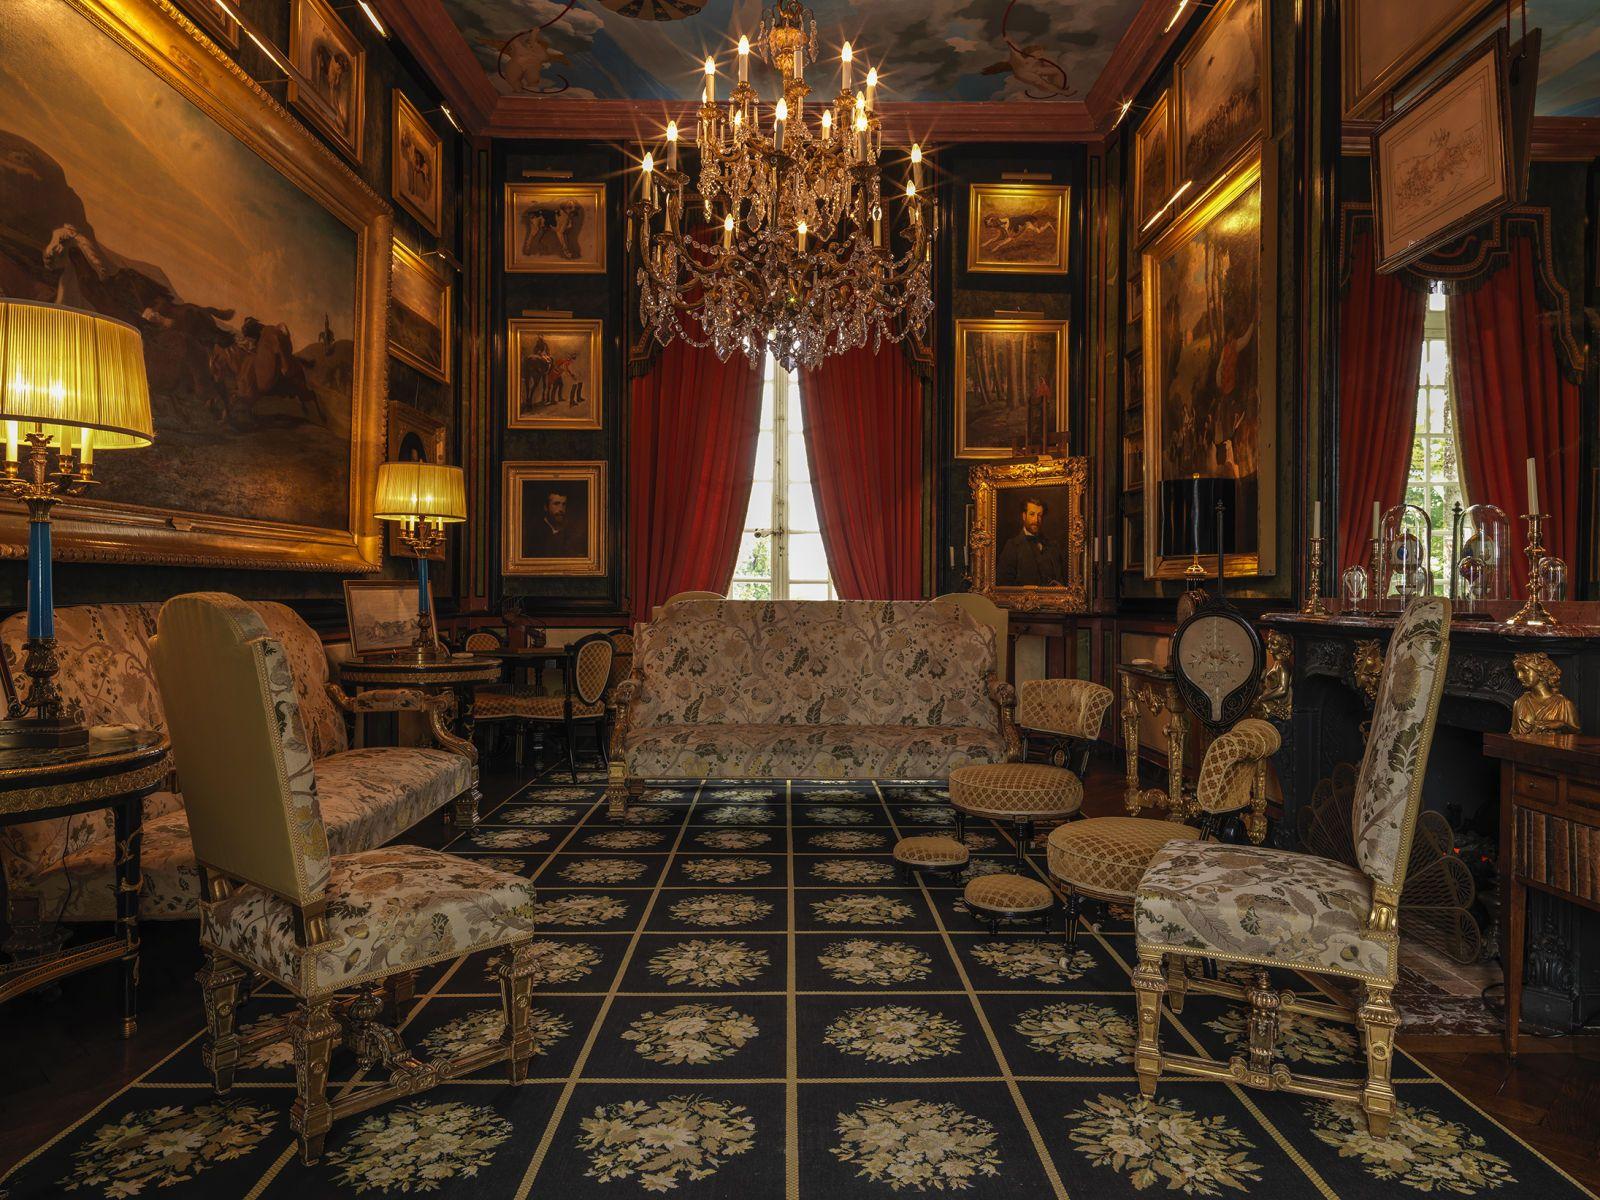 ch teau de balleroy normandie le fumoir red cor par malcolm forbes photo site officiel du. Black Bedroom Furniture Sets. Home Design Ideas